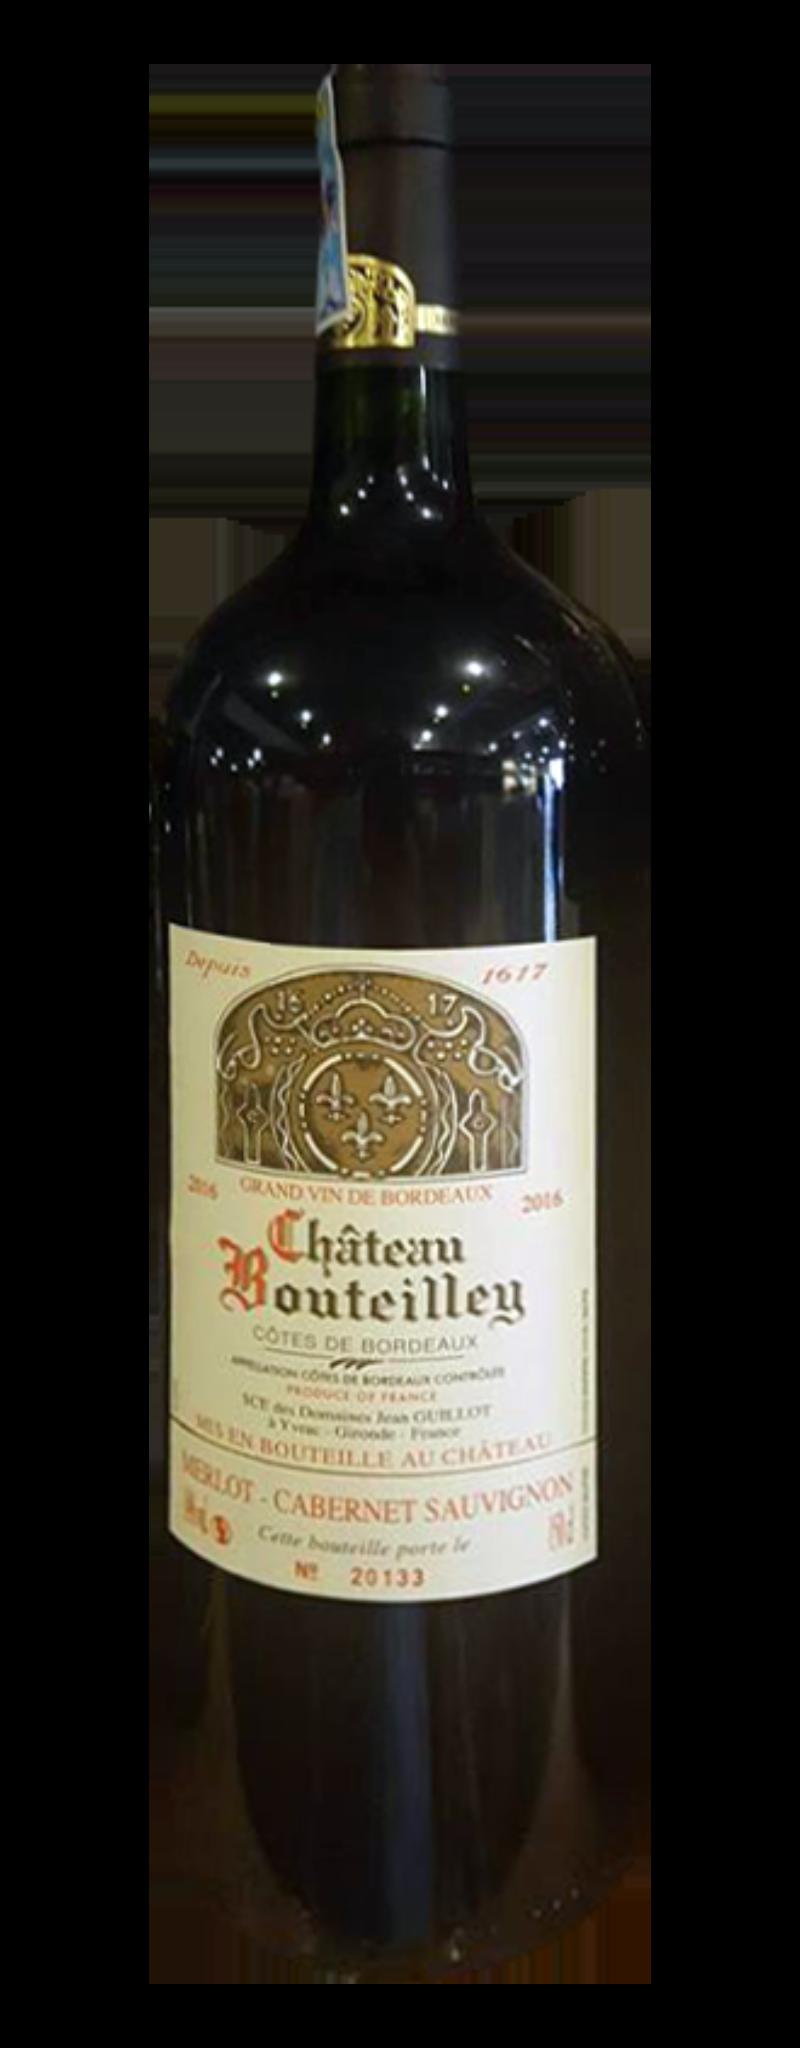 Chateau Bouteilley Premieres Cotes de Bordeaux  - 1.5L